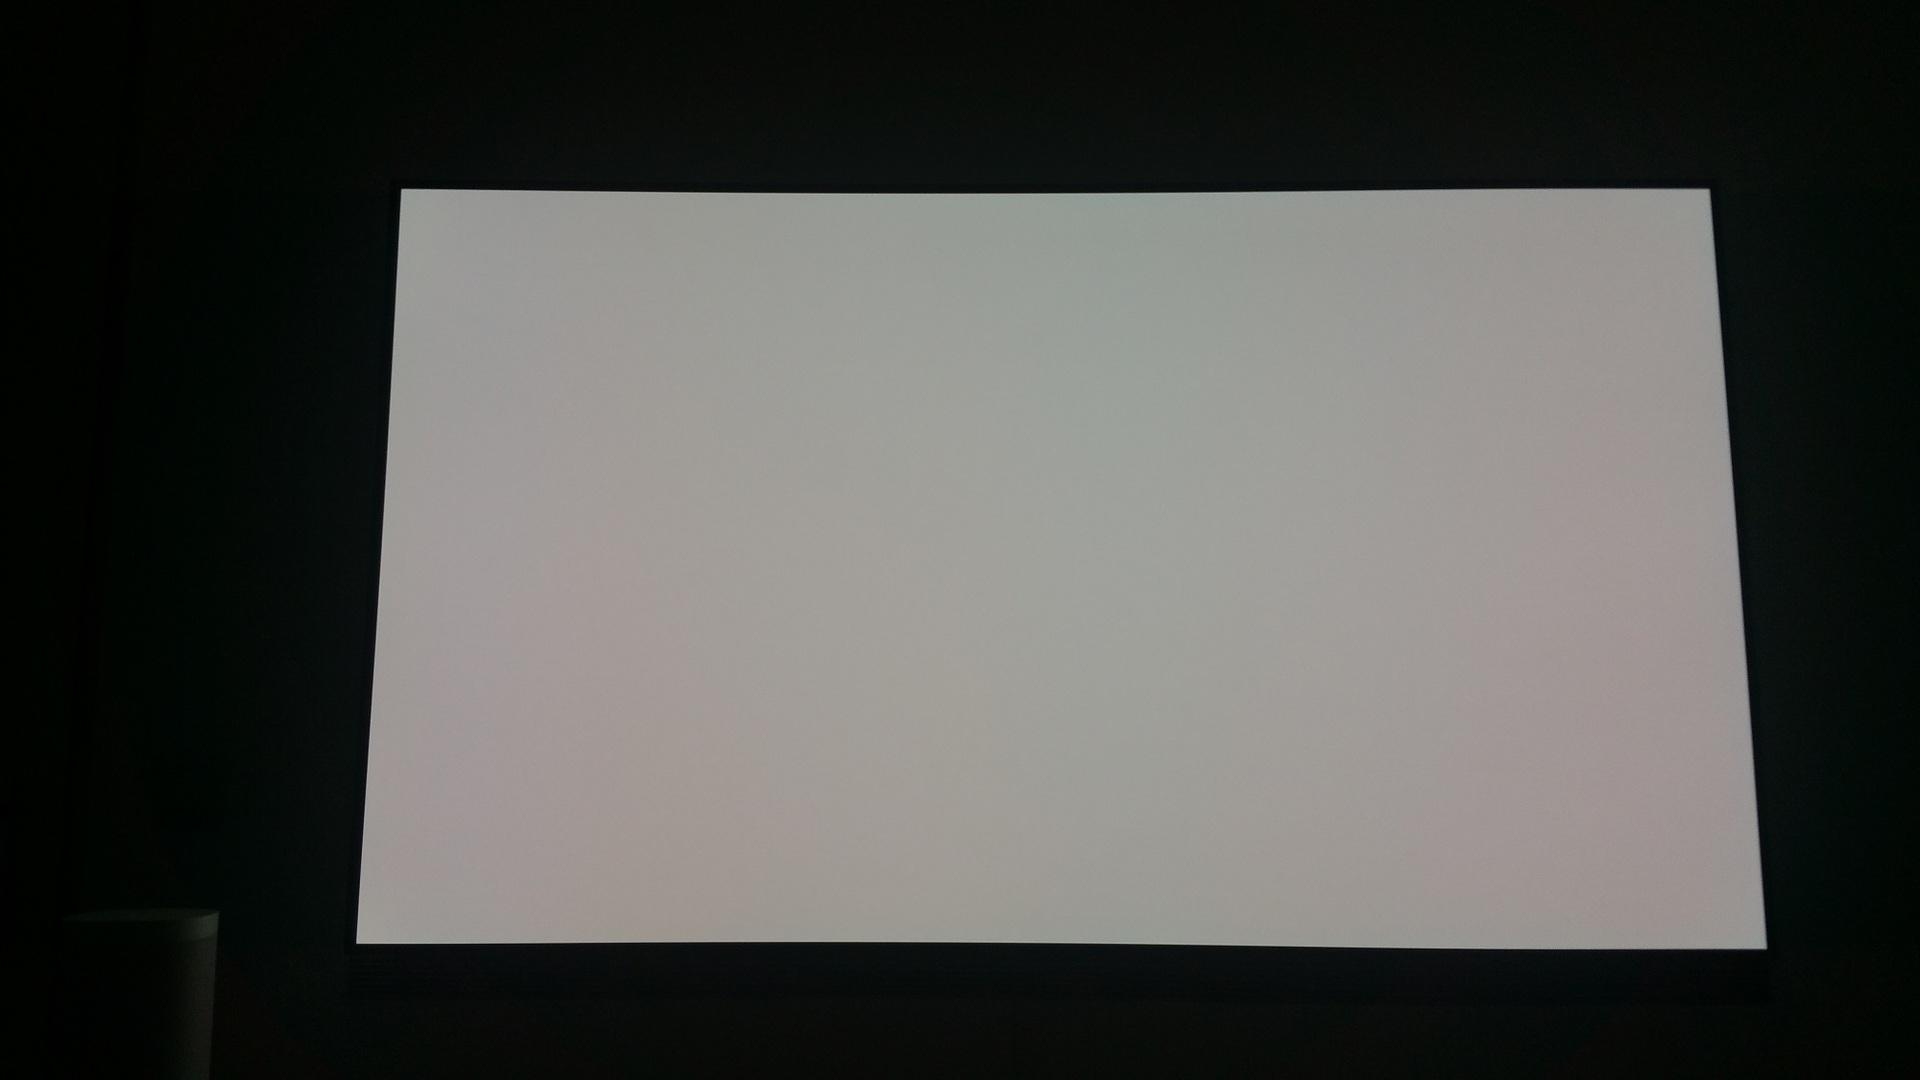 Isf Dunkler Raum Weißbild Dunkler Isf Offtopic Raum Weißbild